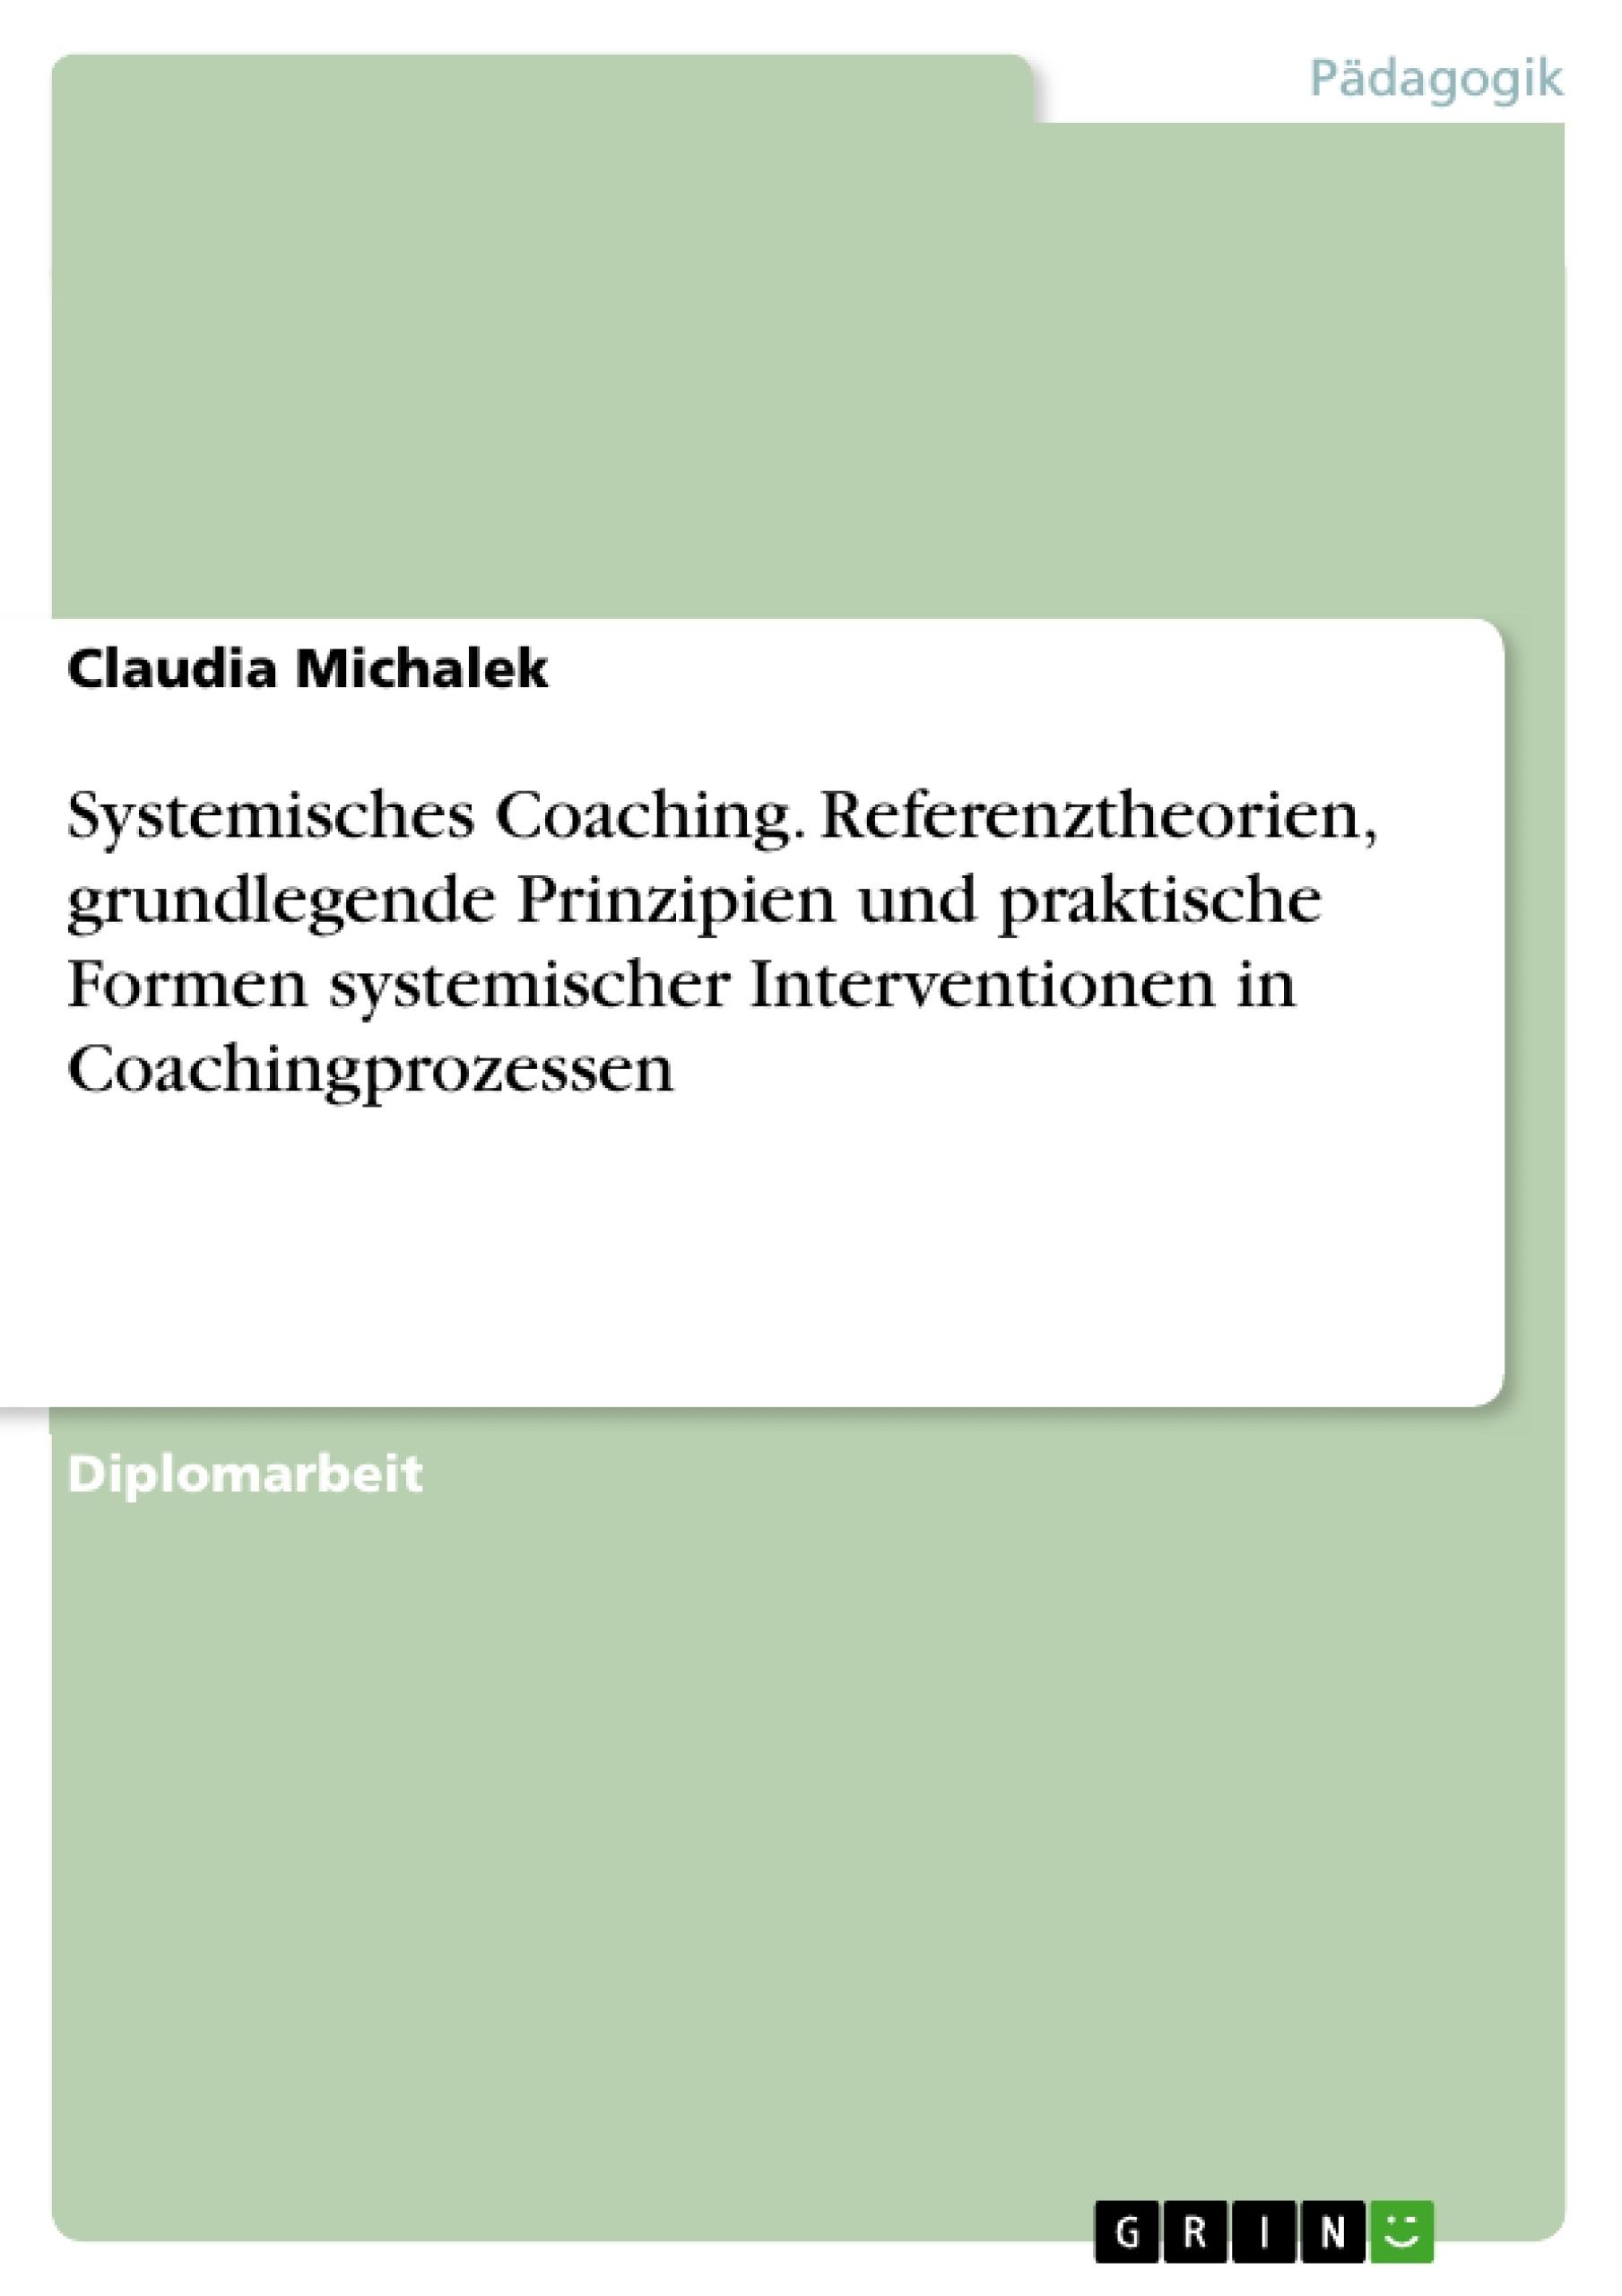 Titel: Systemisches Coaching. Referenztheorien, grundlegende Prinzipien und praktische Formen systemischer Interventionen in Coachingprozessen